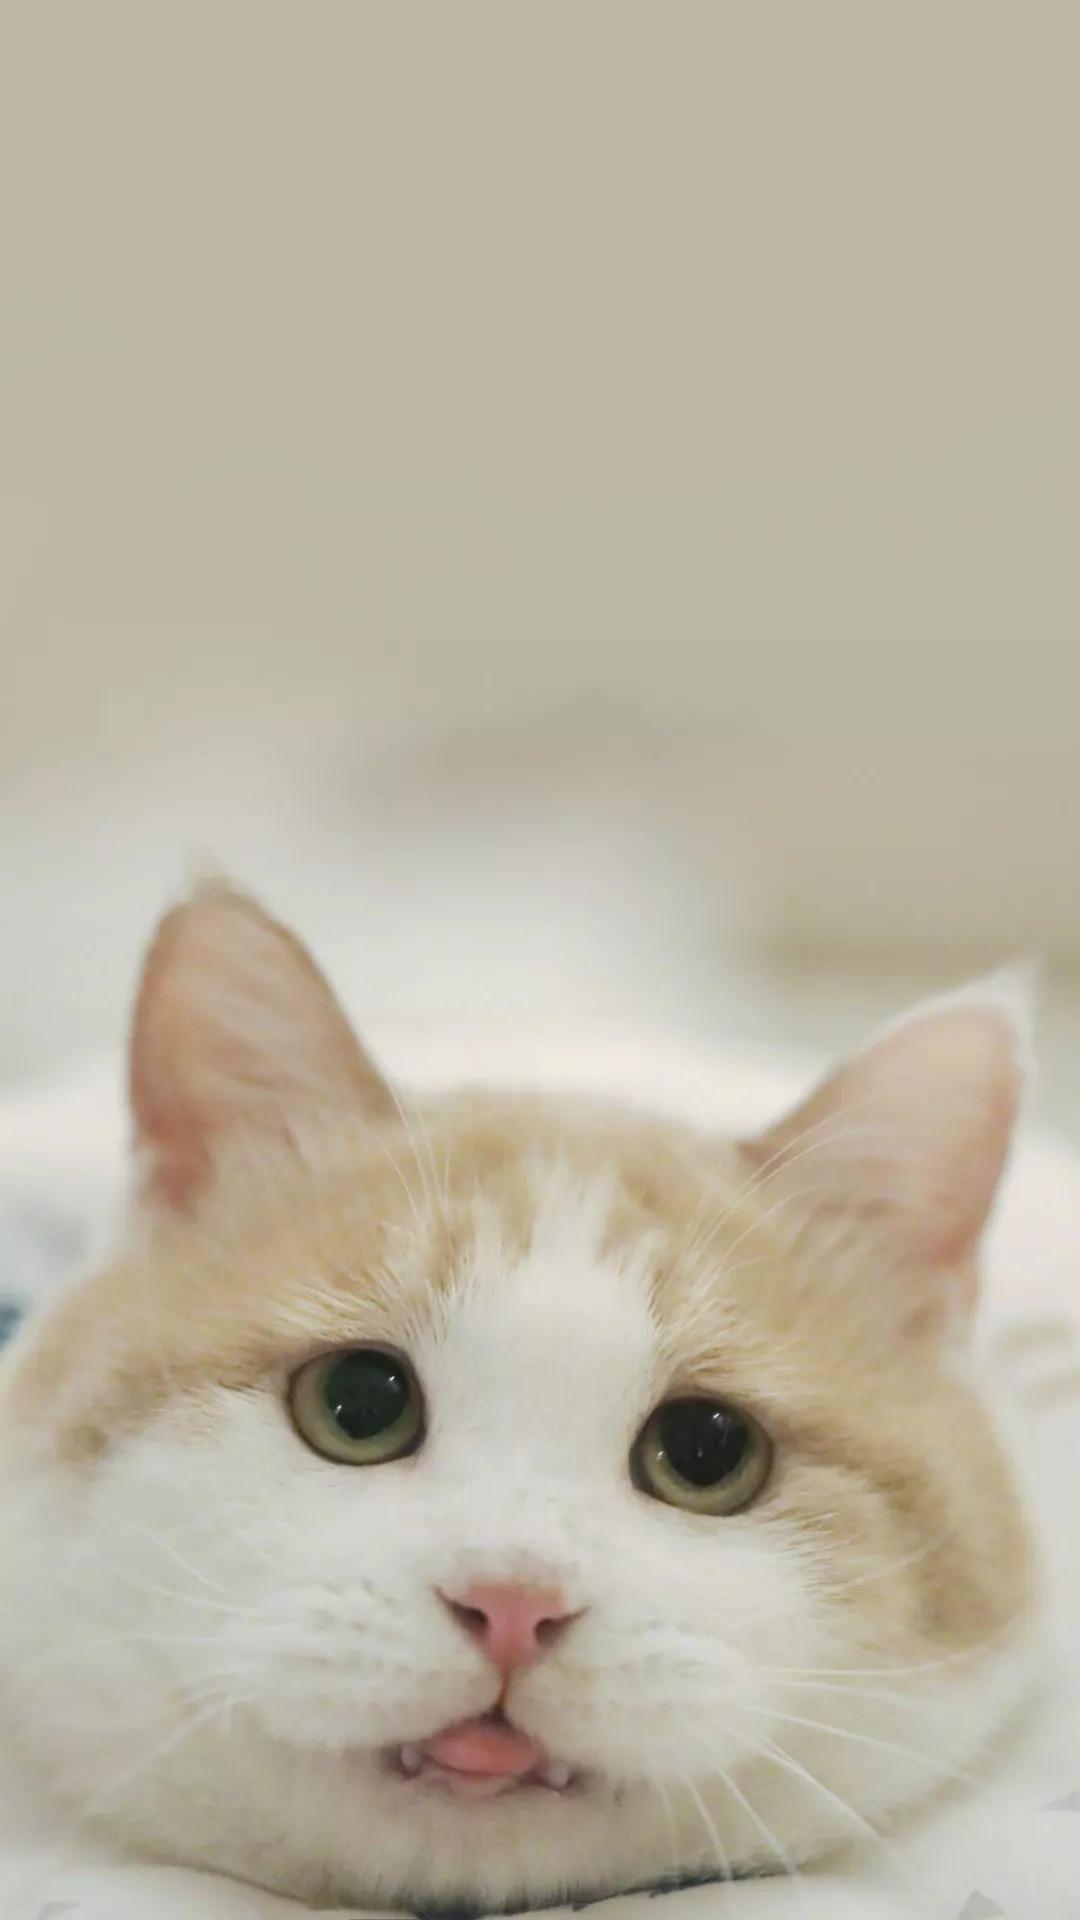 猫片壁纸 :生活不断拍打我们的脸皮,最后不是脸皮厚了,是肿了!插图11